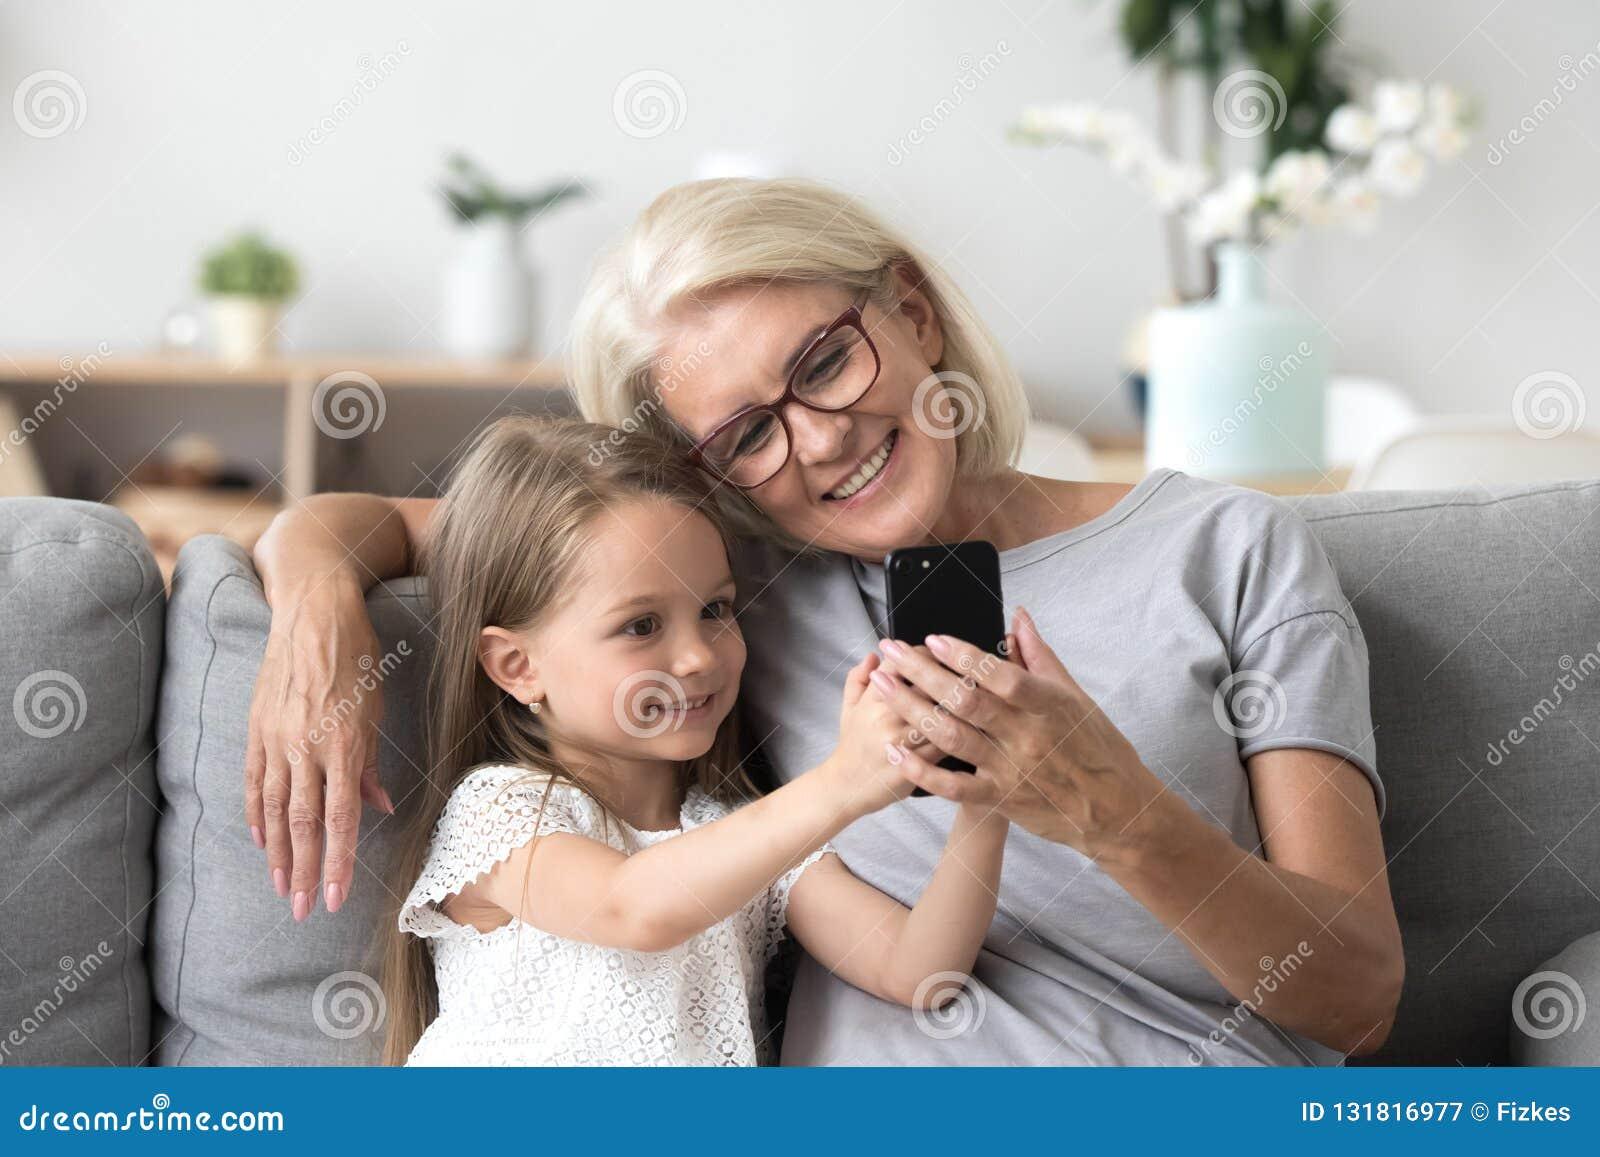 Ευτυχής γιαγιά και χαριτωμένη εγγονή που χρησιμοποιούν την κατασκευή κινητών τηλεφώνων